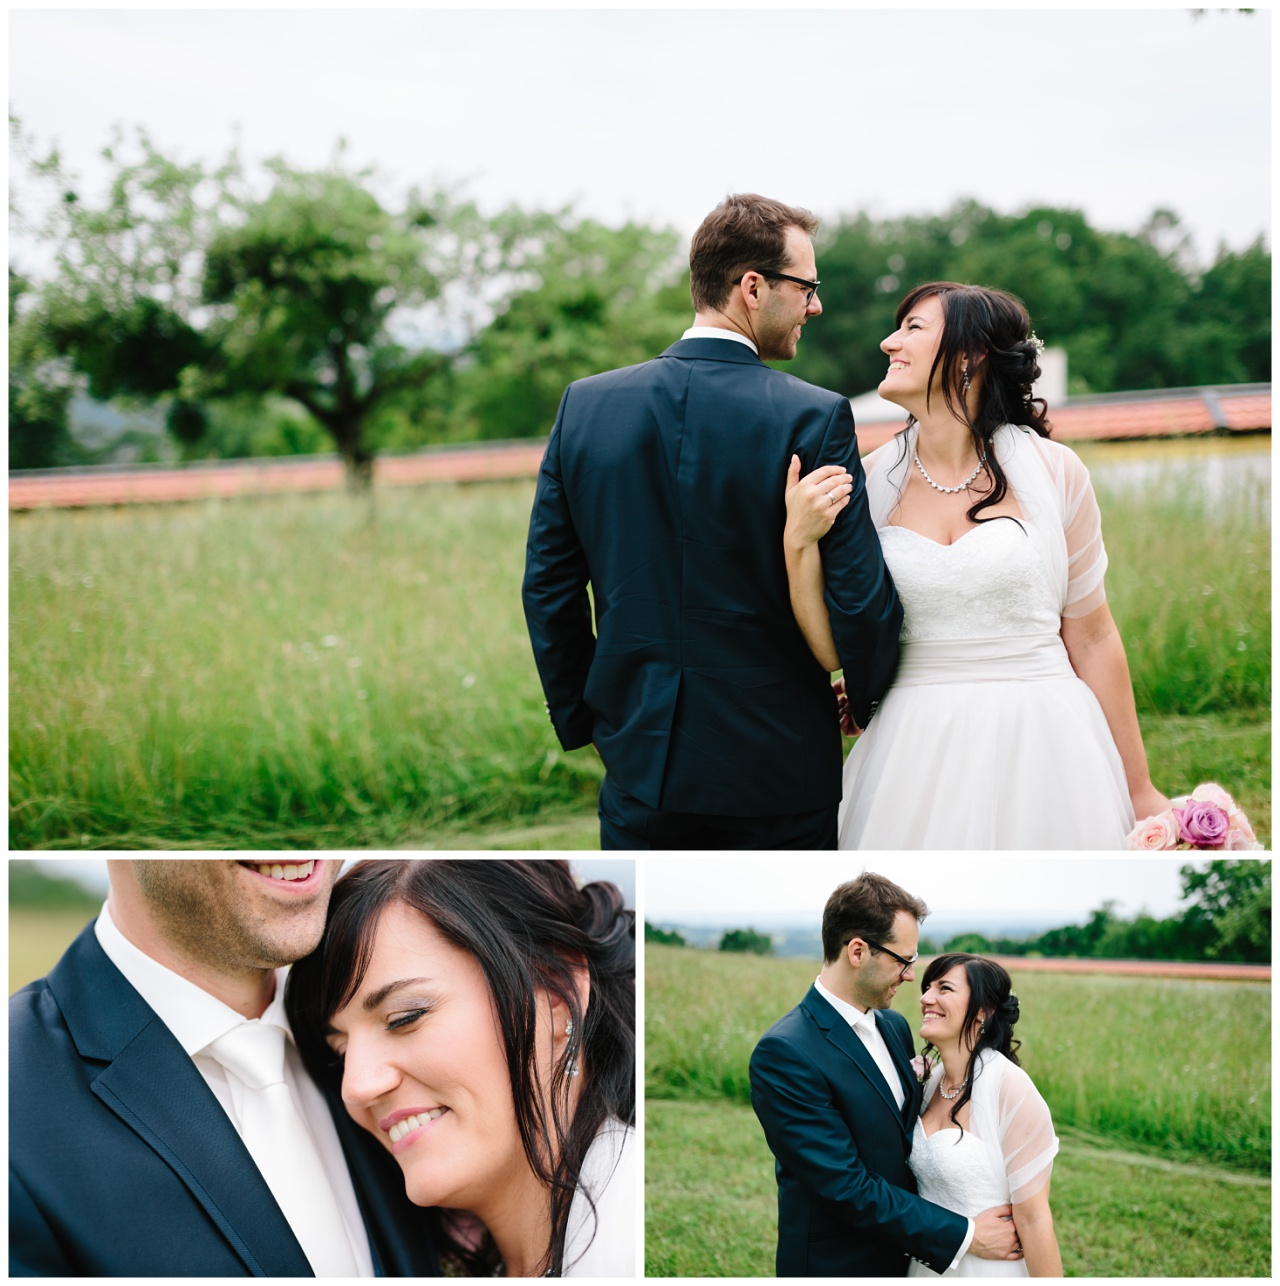 Hochzeitsfotograf Linz Verena Christoph_0017